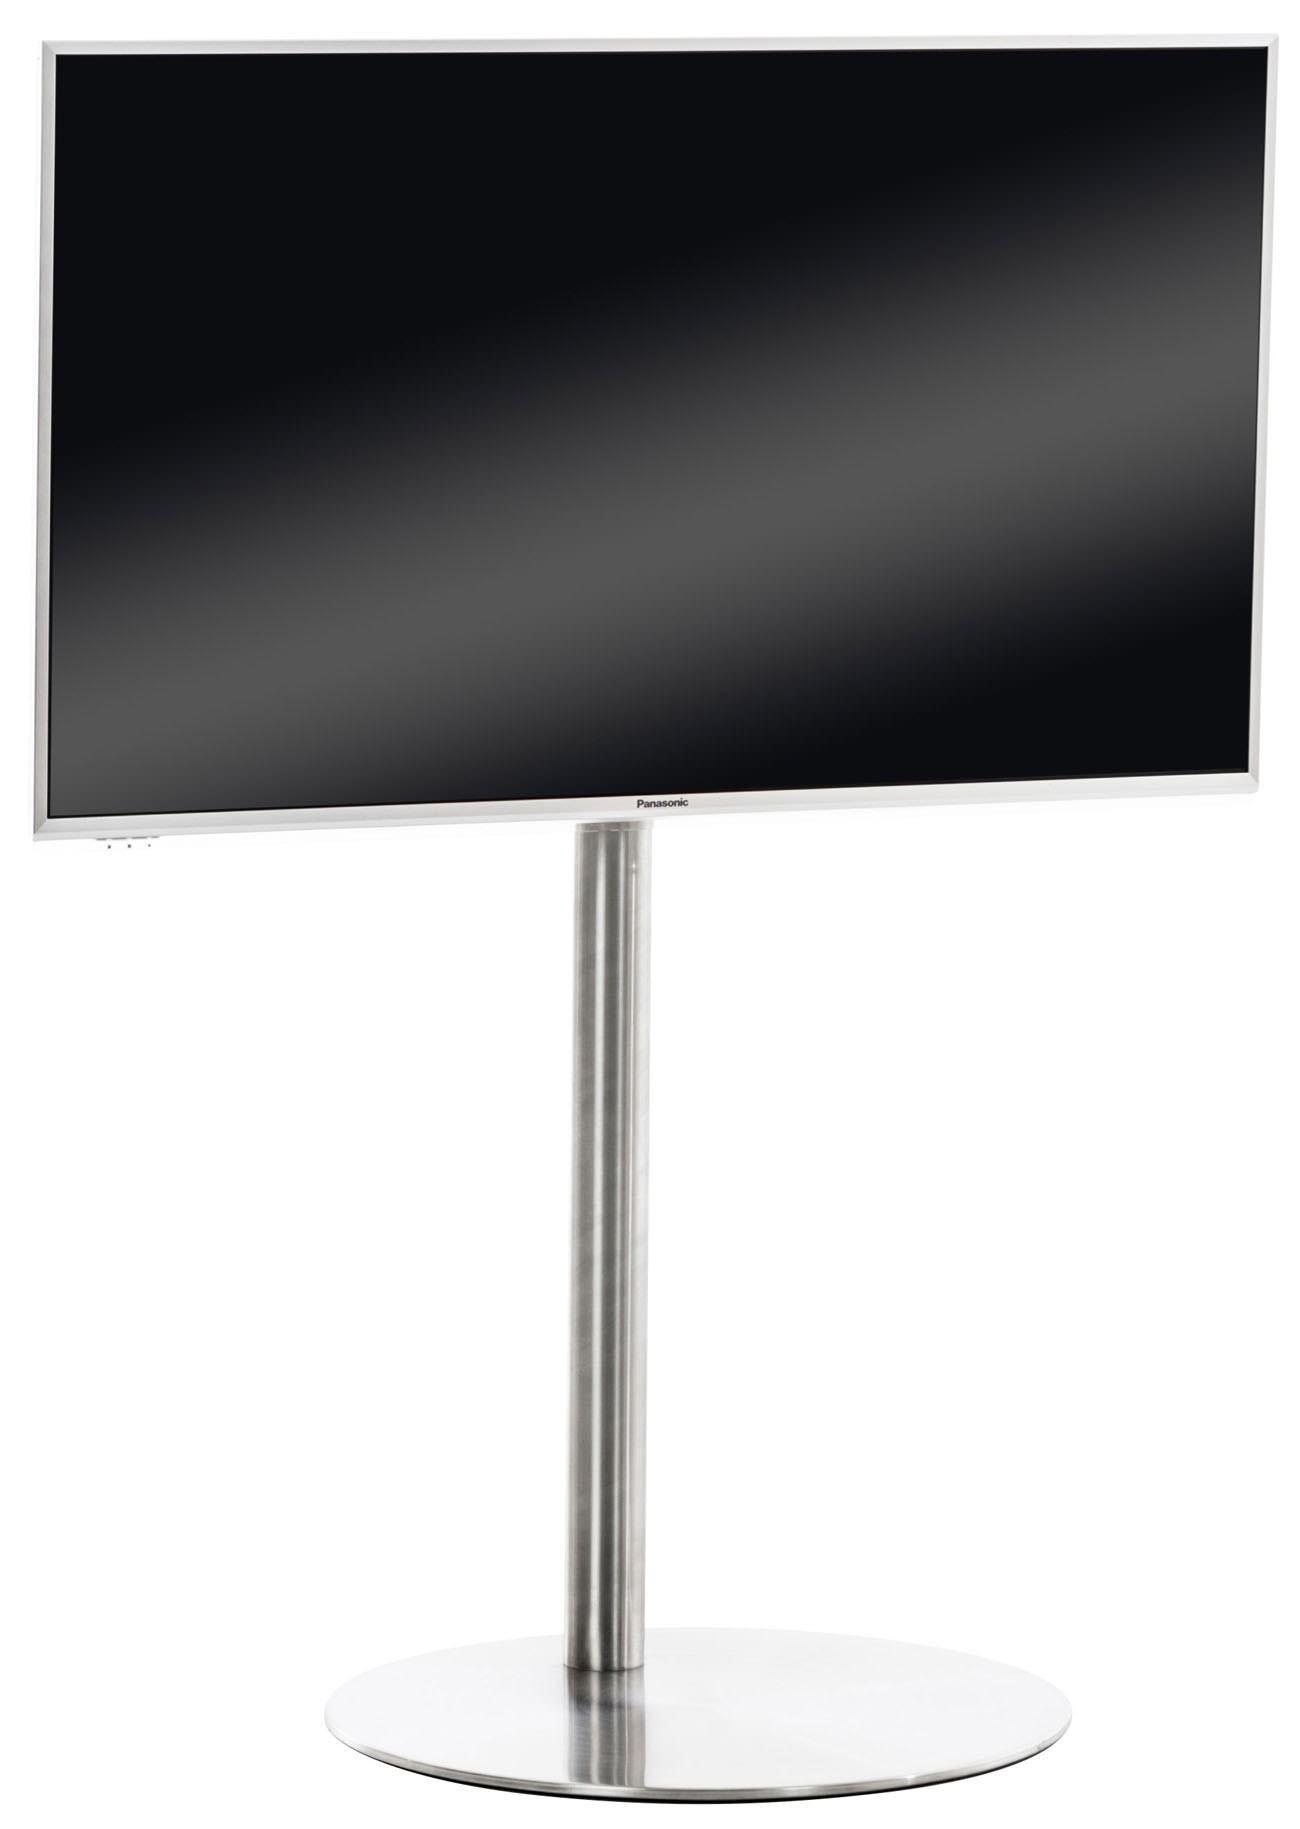 Support de télévison avec plateforme ronde ou carrée